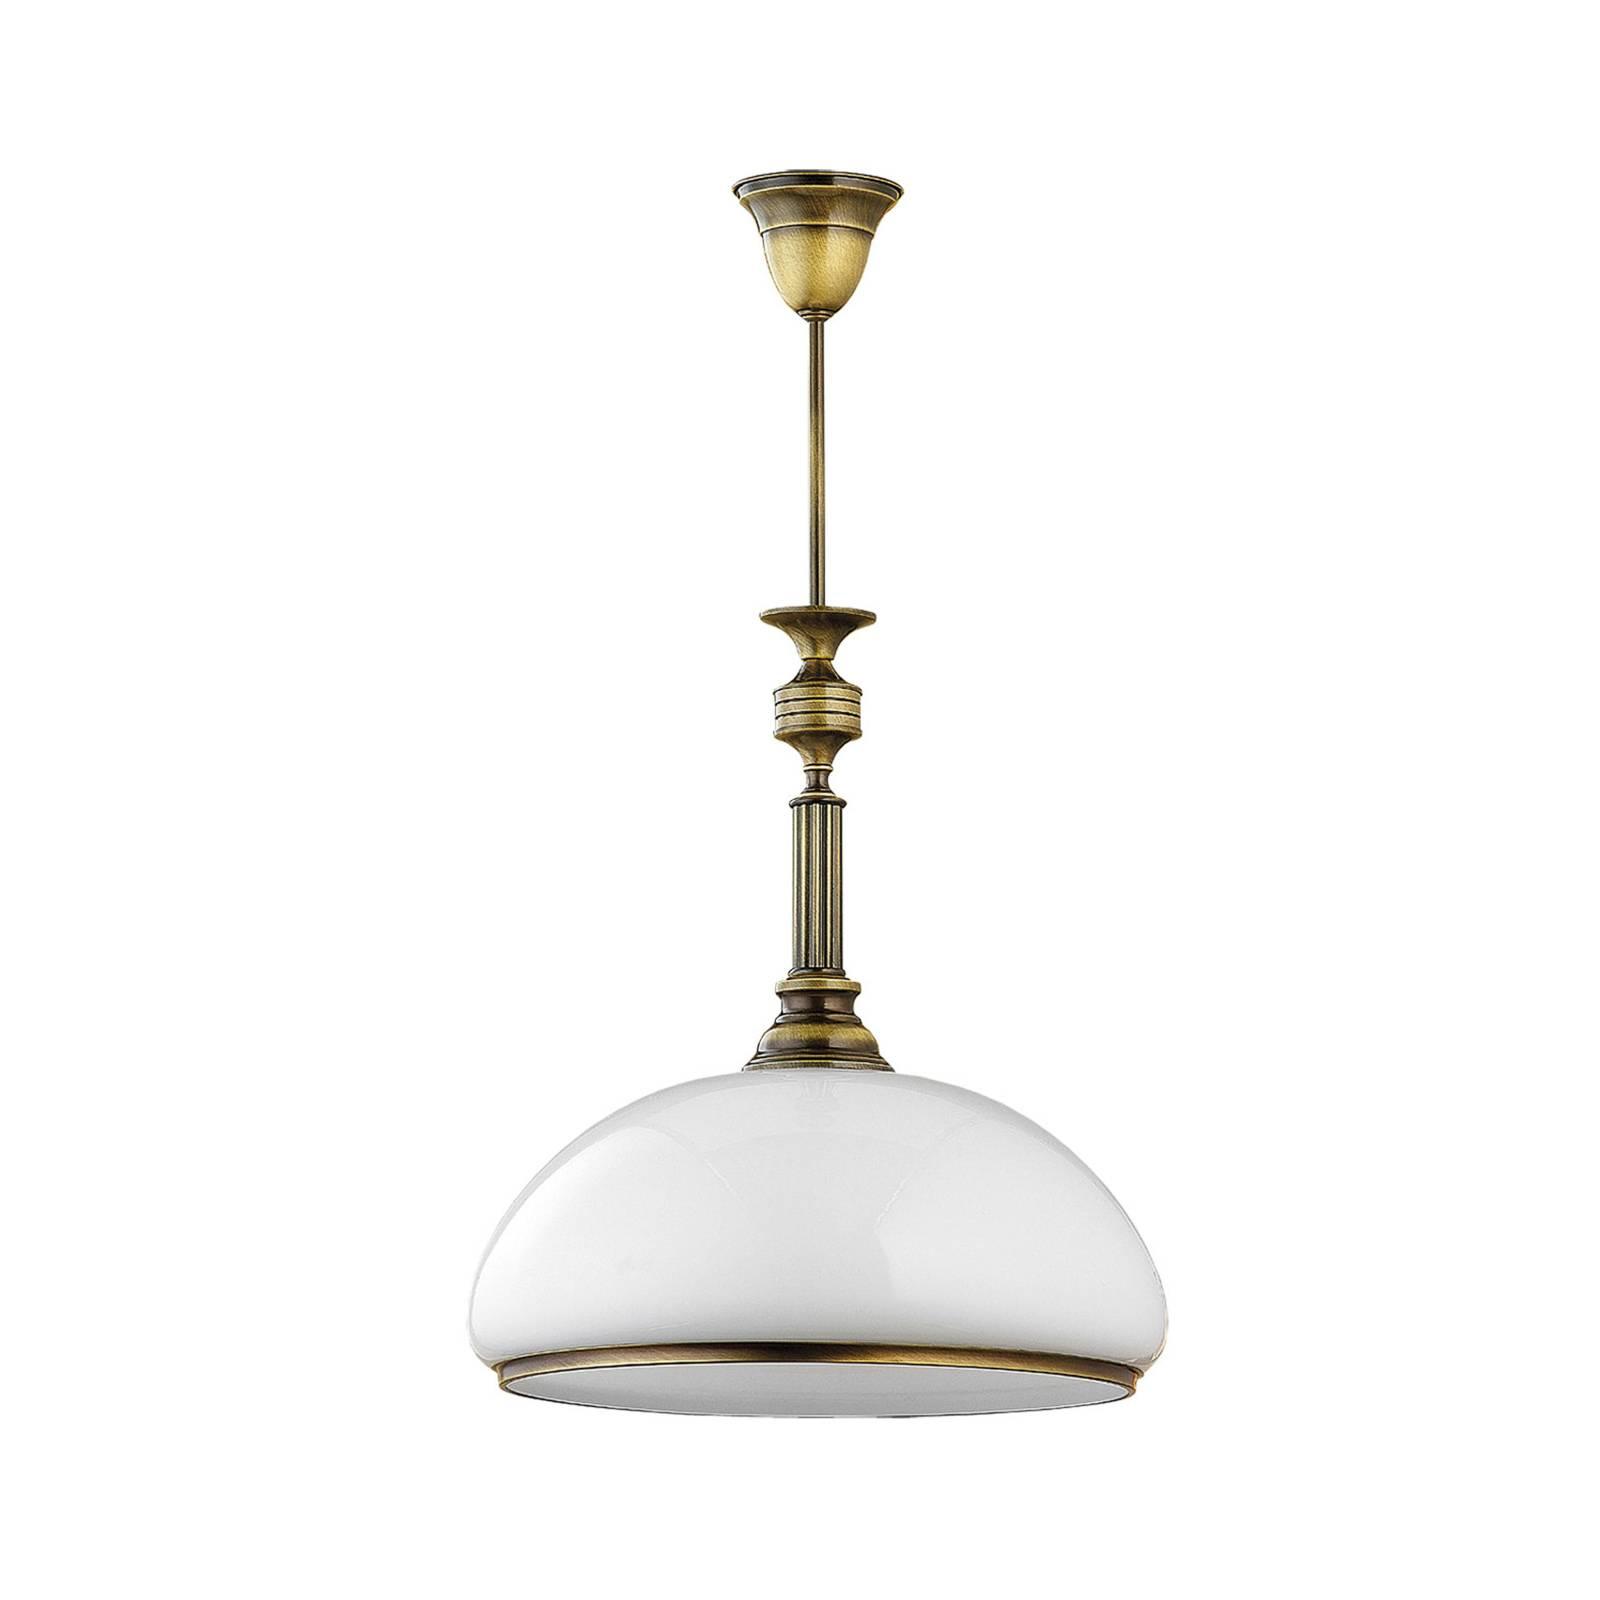 Suspension Petro avec abat-jour en verre à 1 lampe